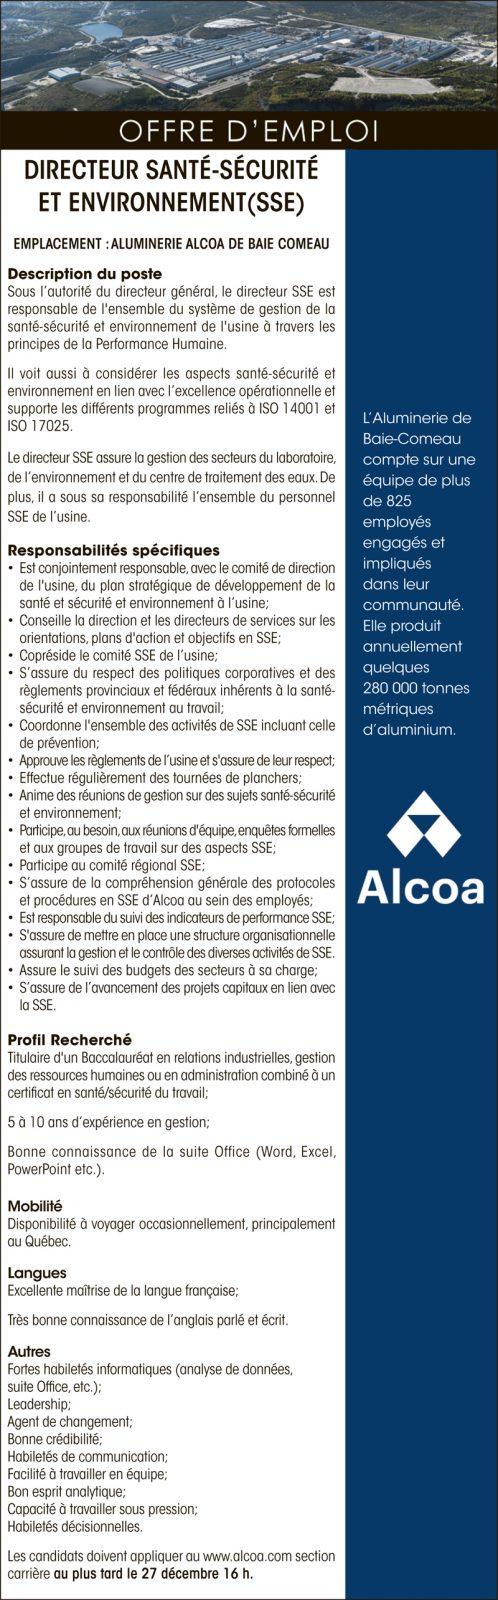 Directeur santé-sécurité et environnement (SSE)